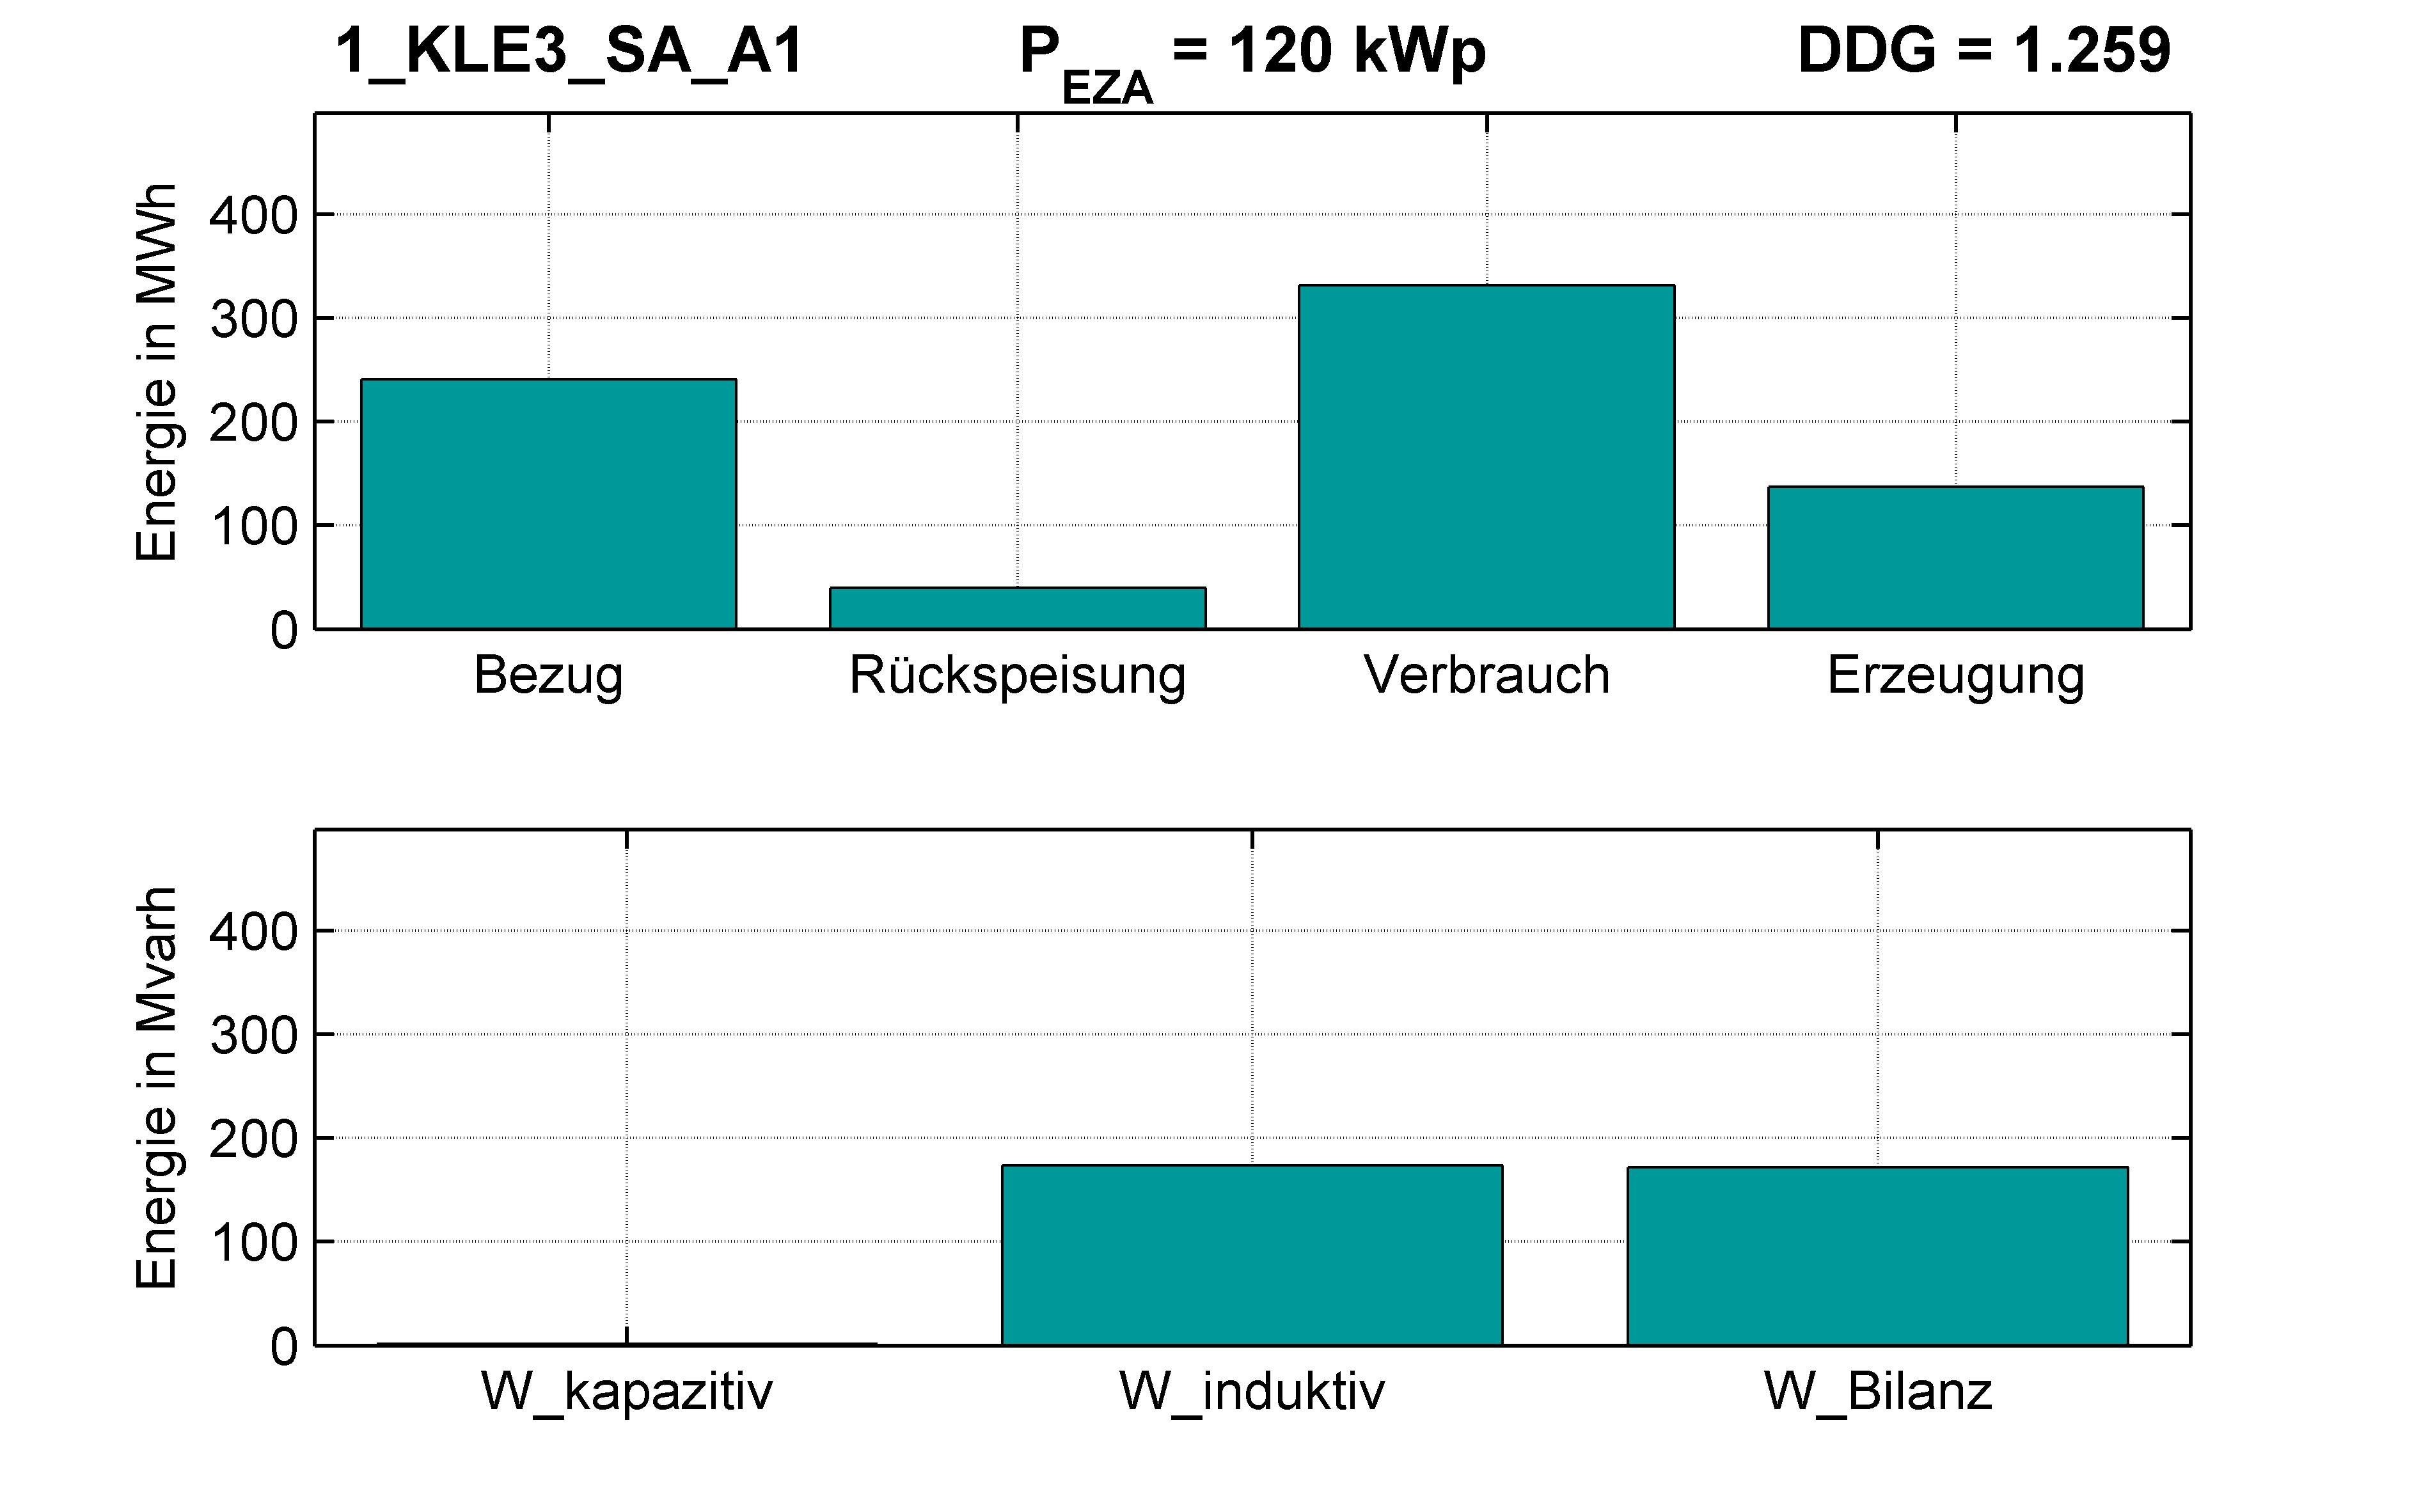 KLE3 | KABEL (SA) A1 | PQ-Bilanz